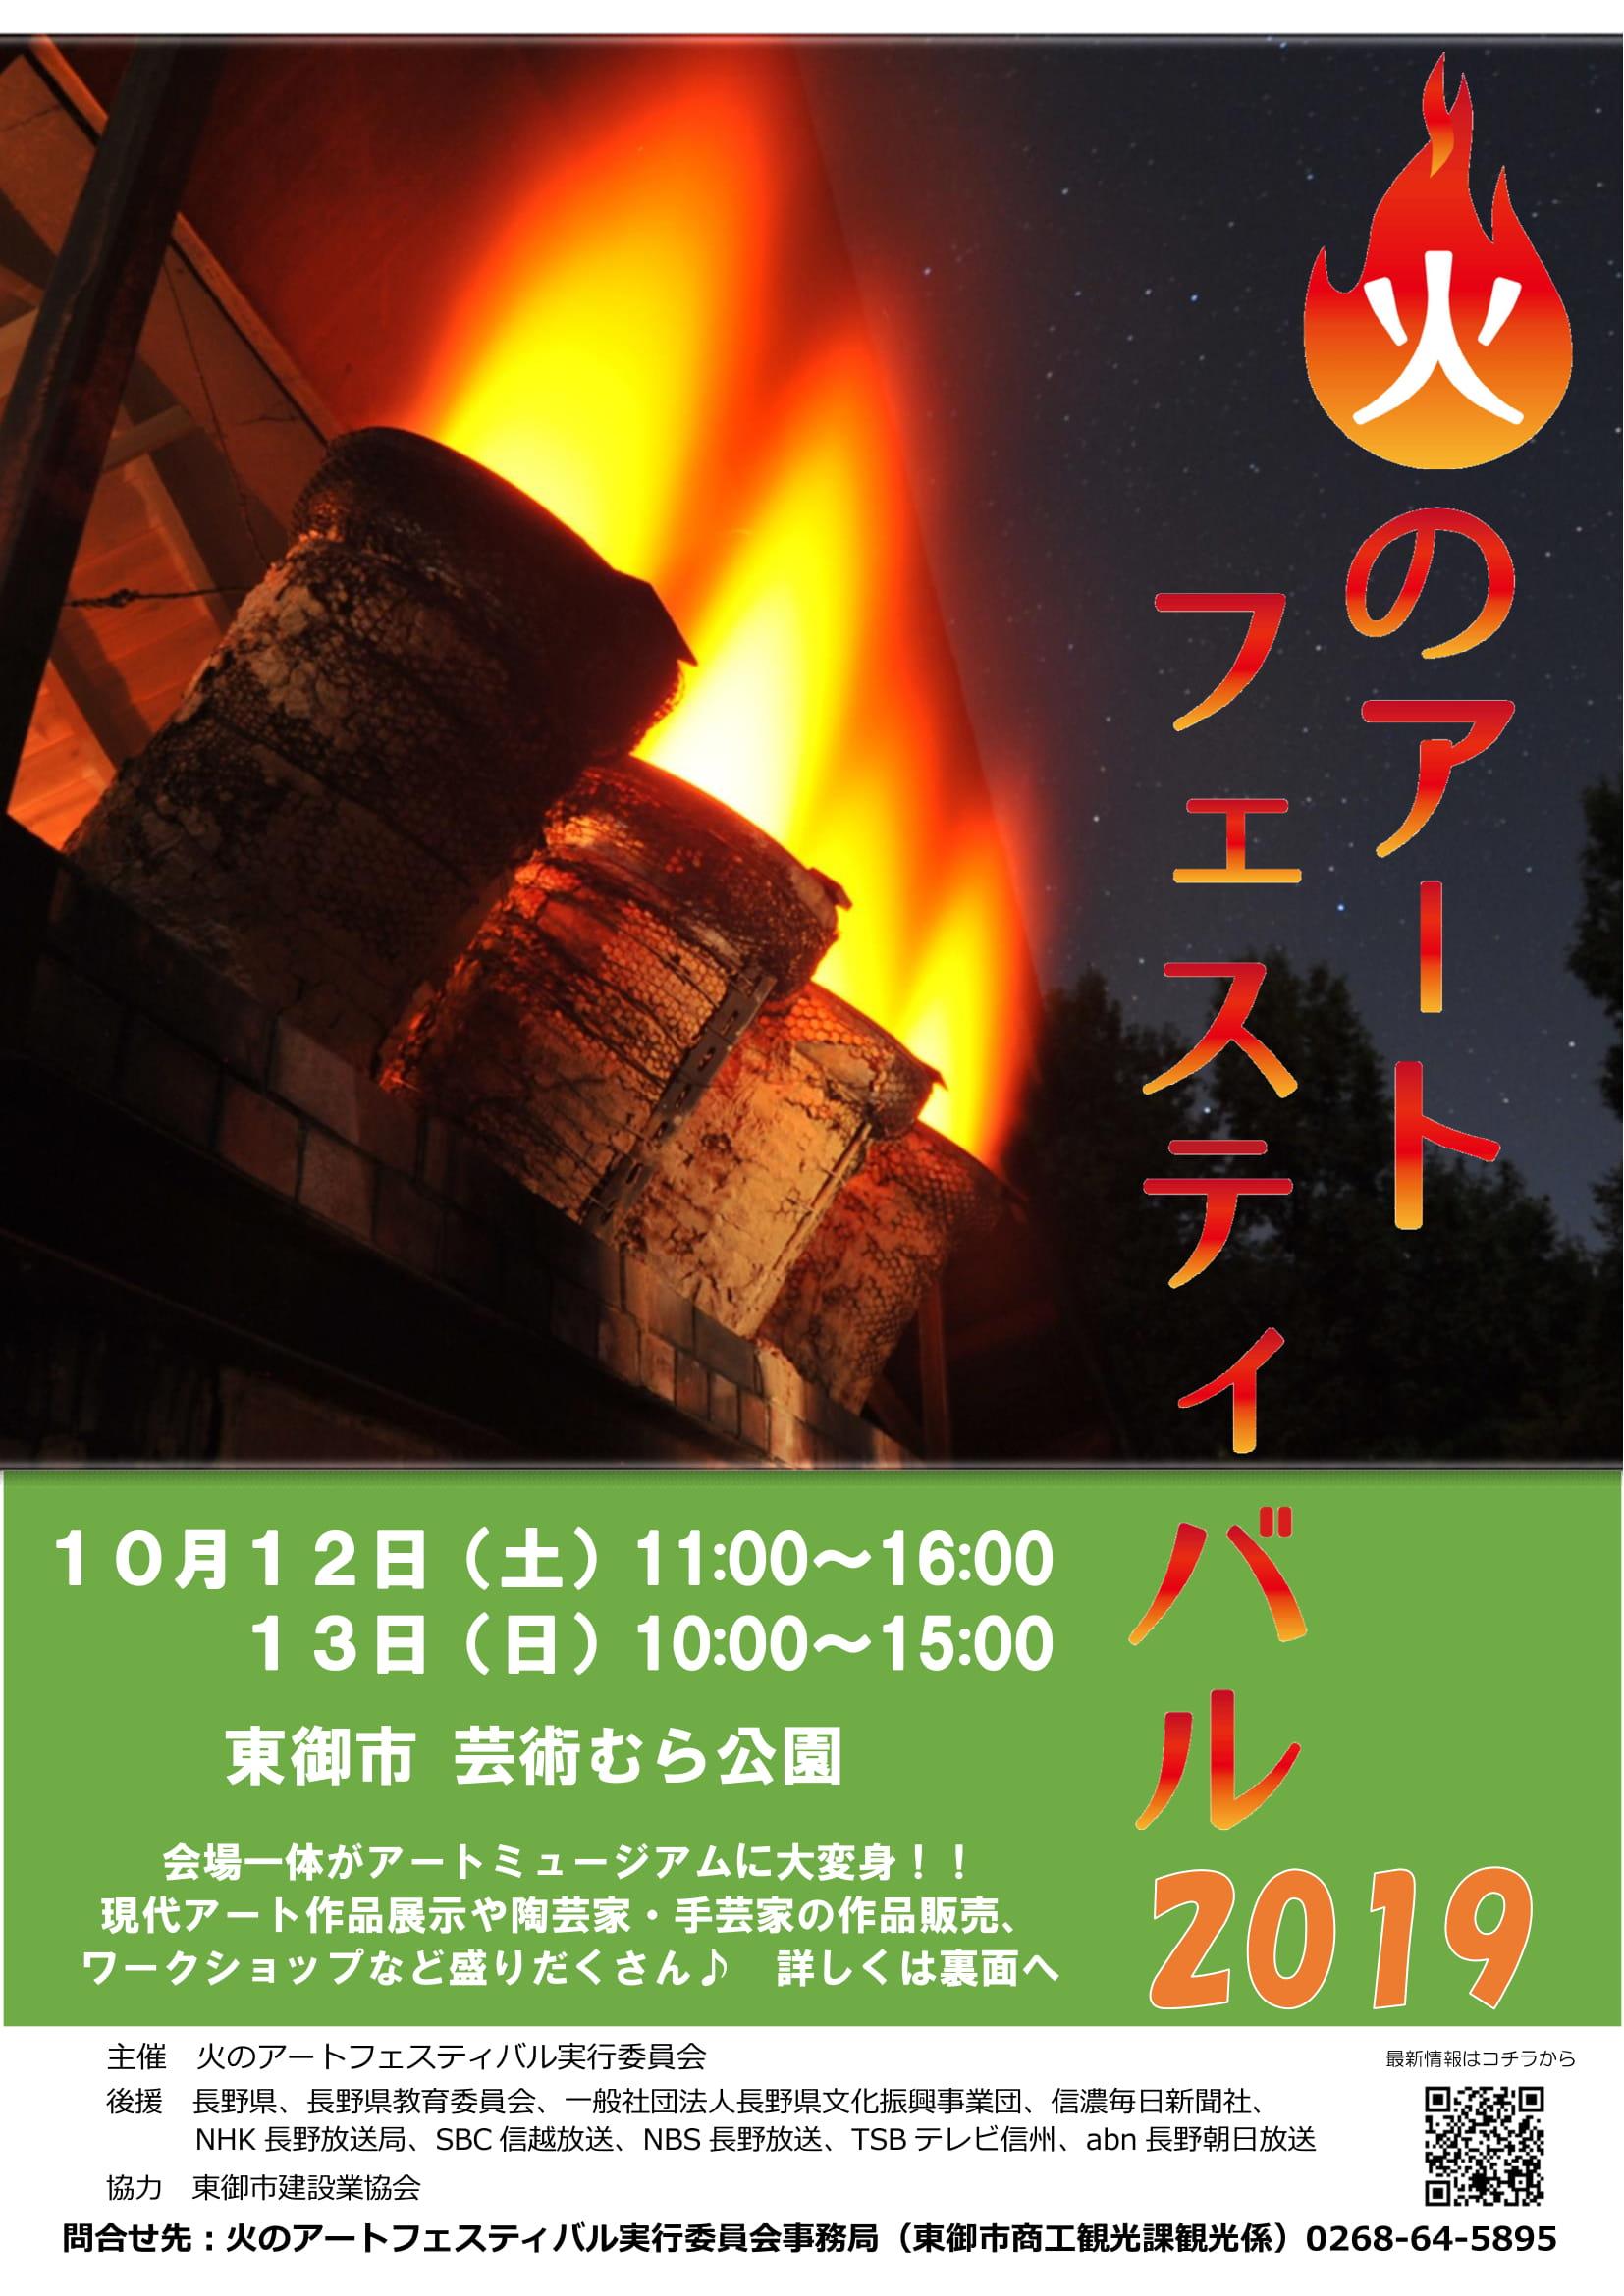 【最新版】火のアート2019ちらし-1